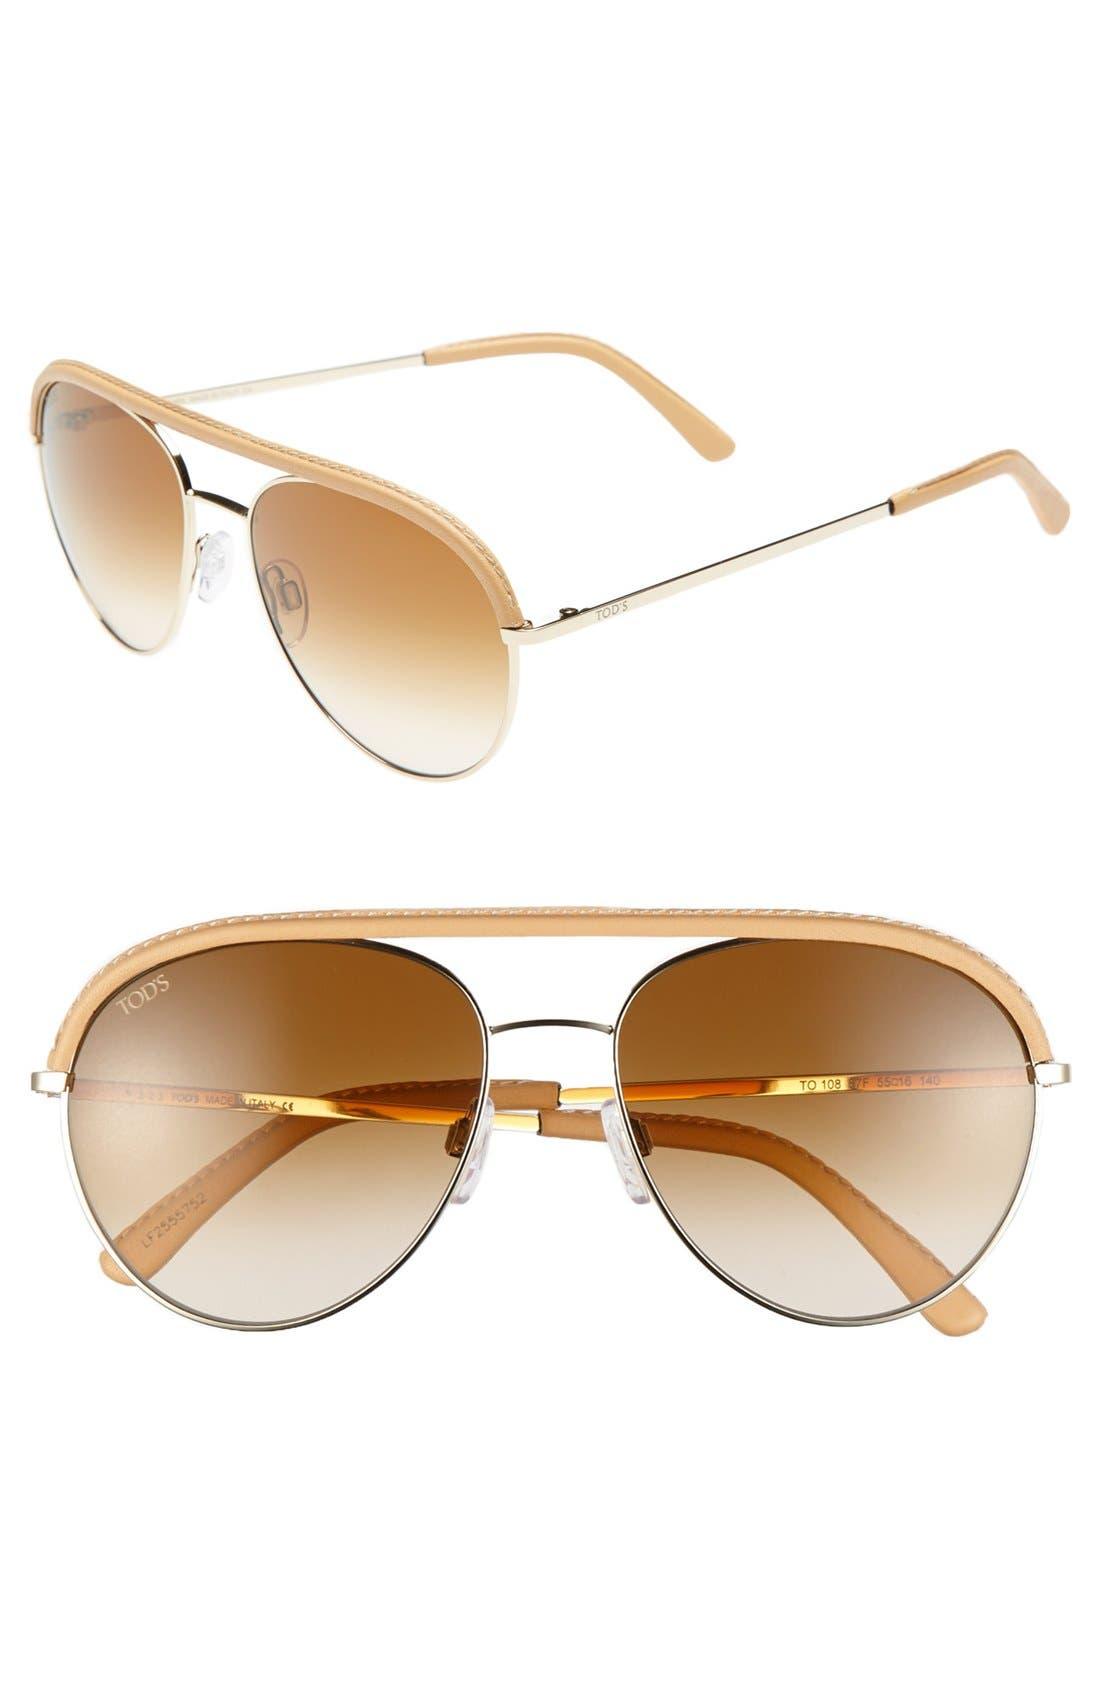 Main Image - Tod's 55mm Aviator Sunglasses